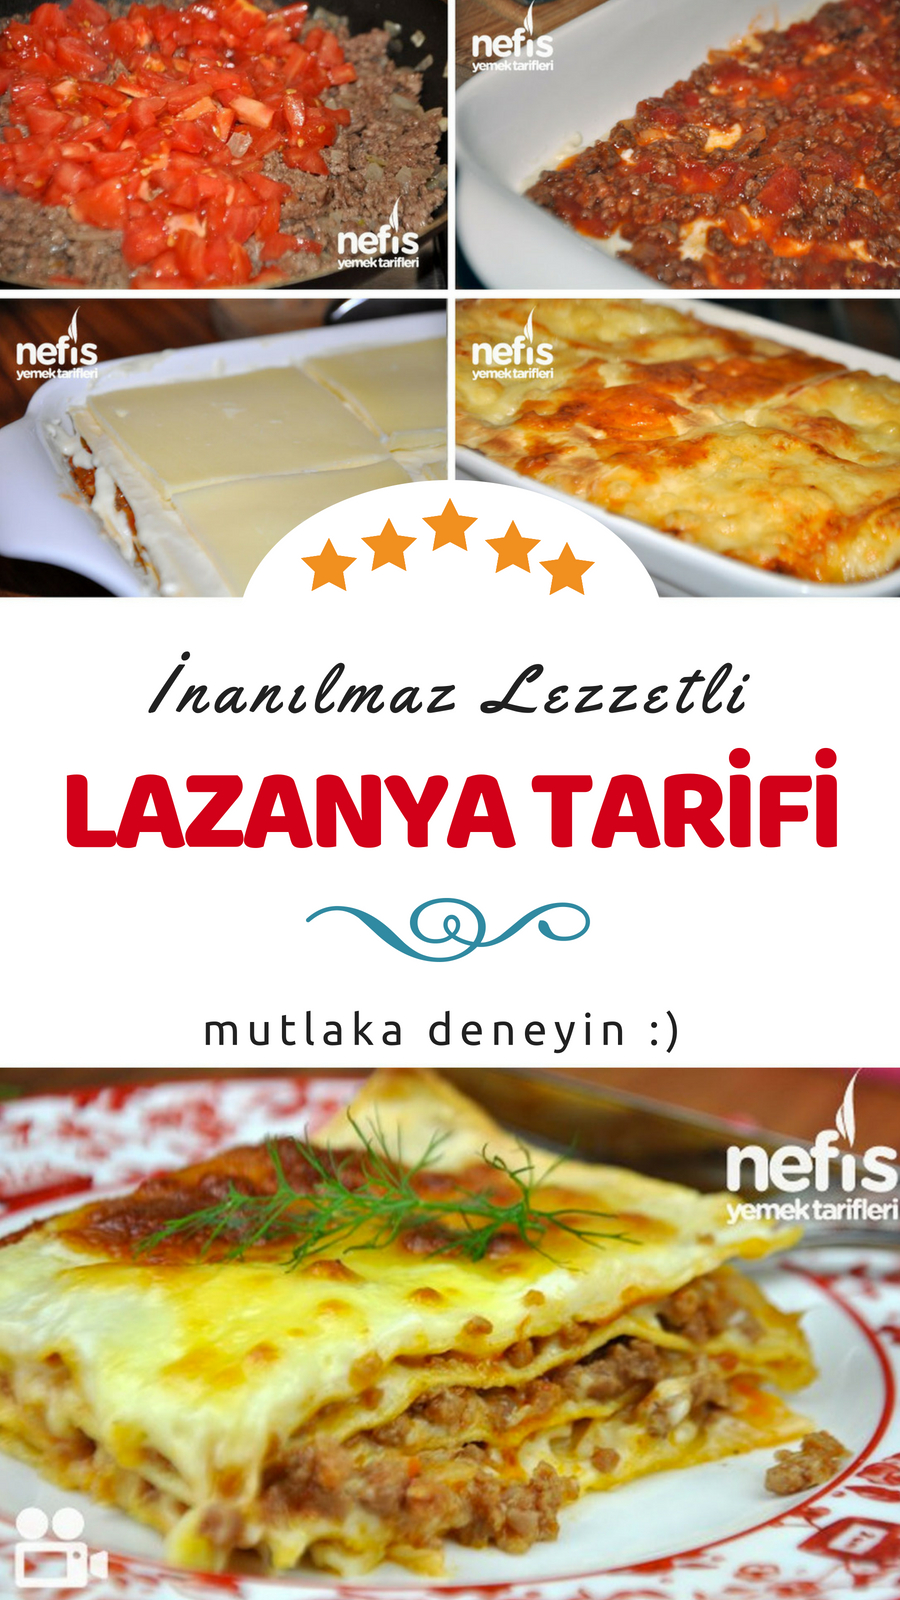 Klasik lazanya tarifi